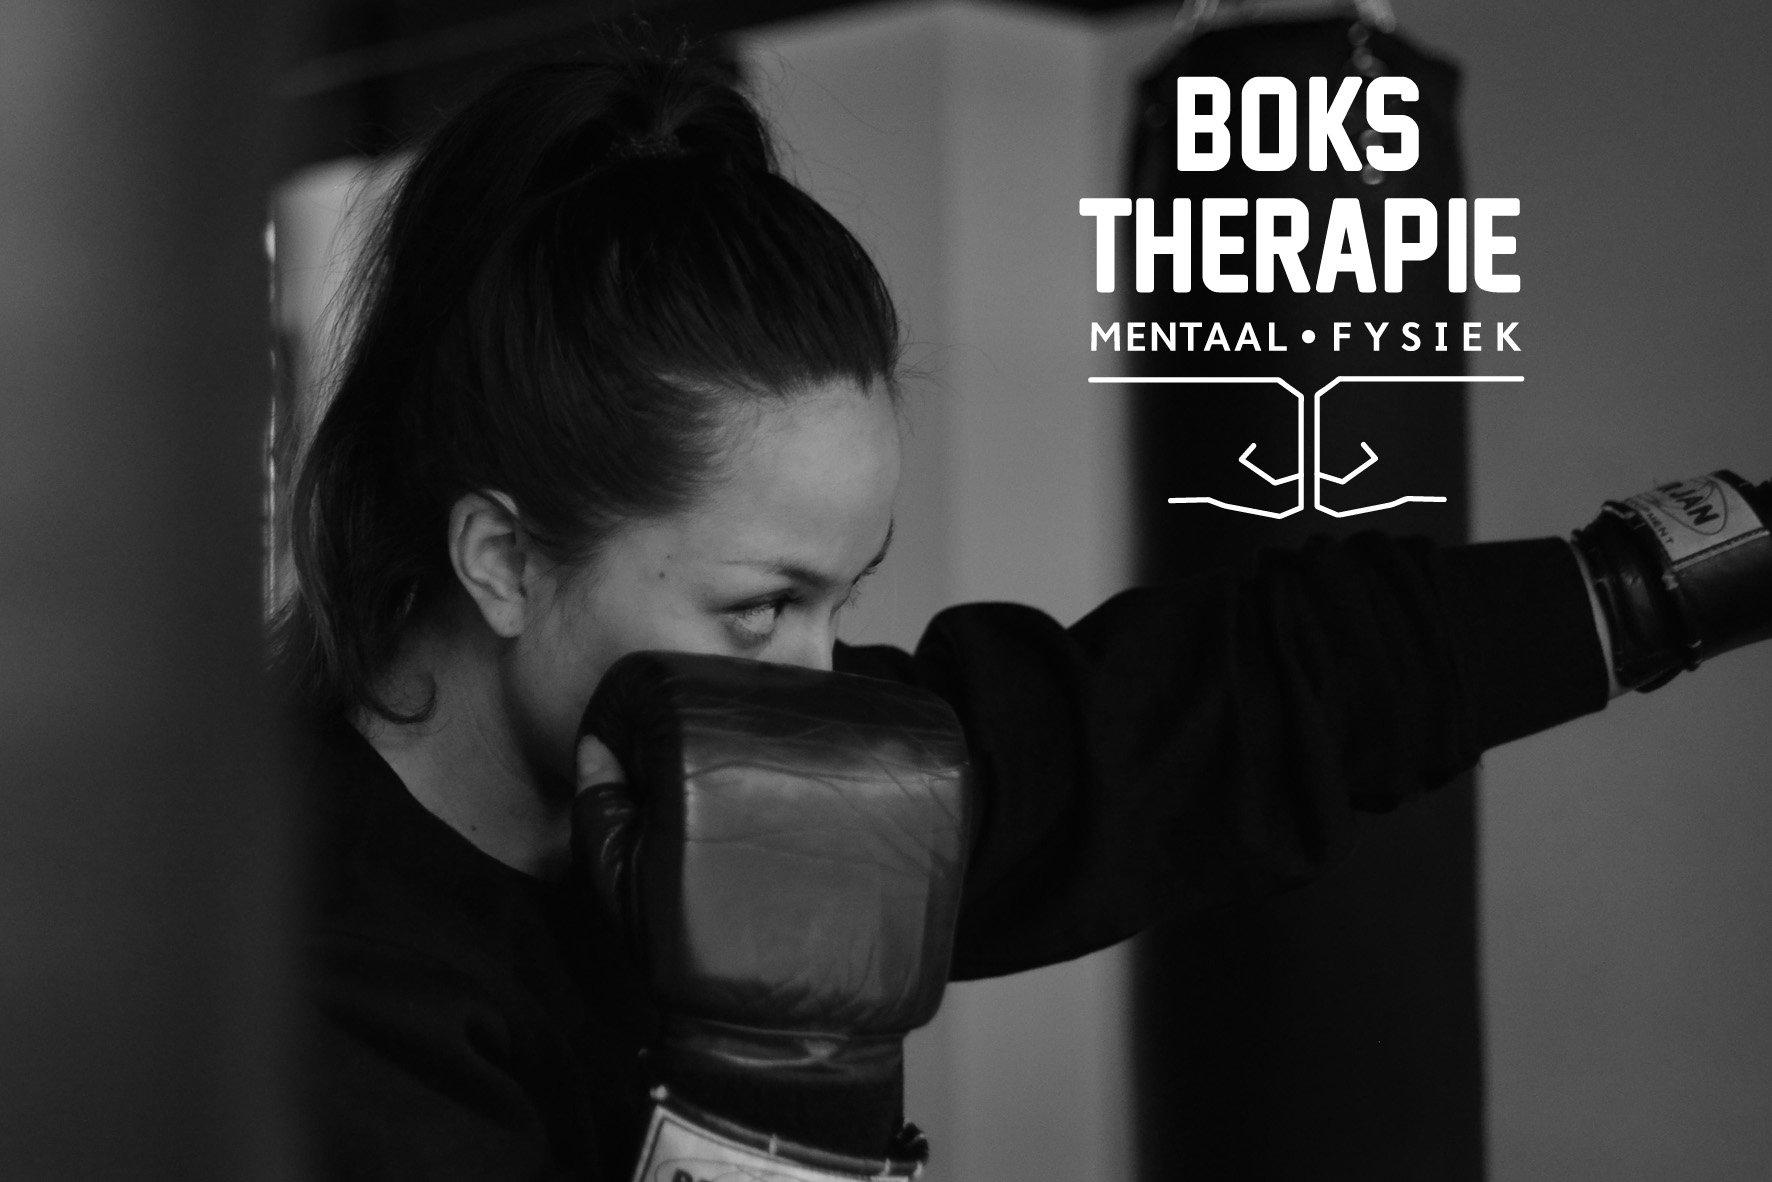 bokstherapie-met-logo-zw